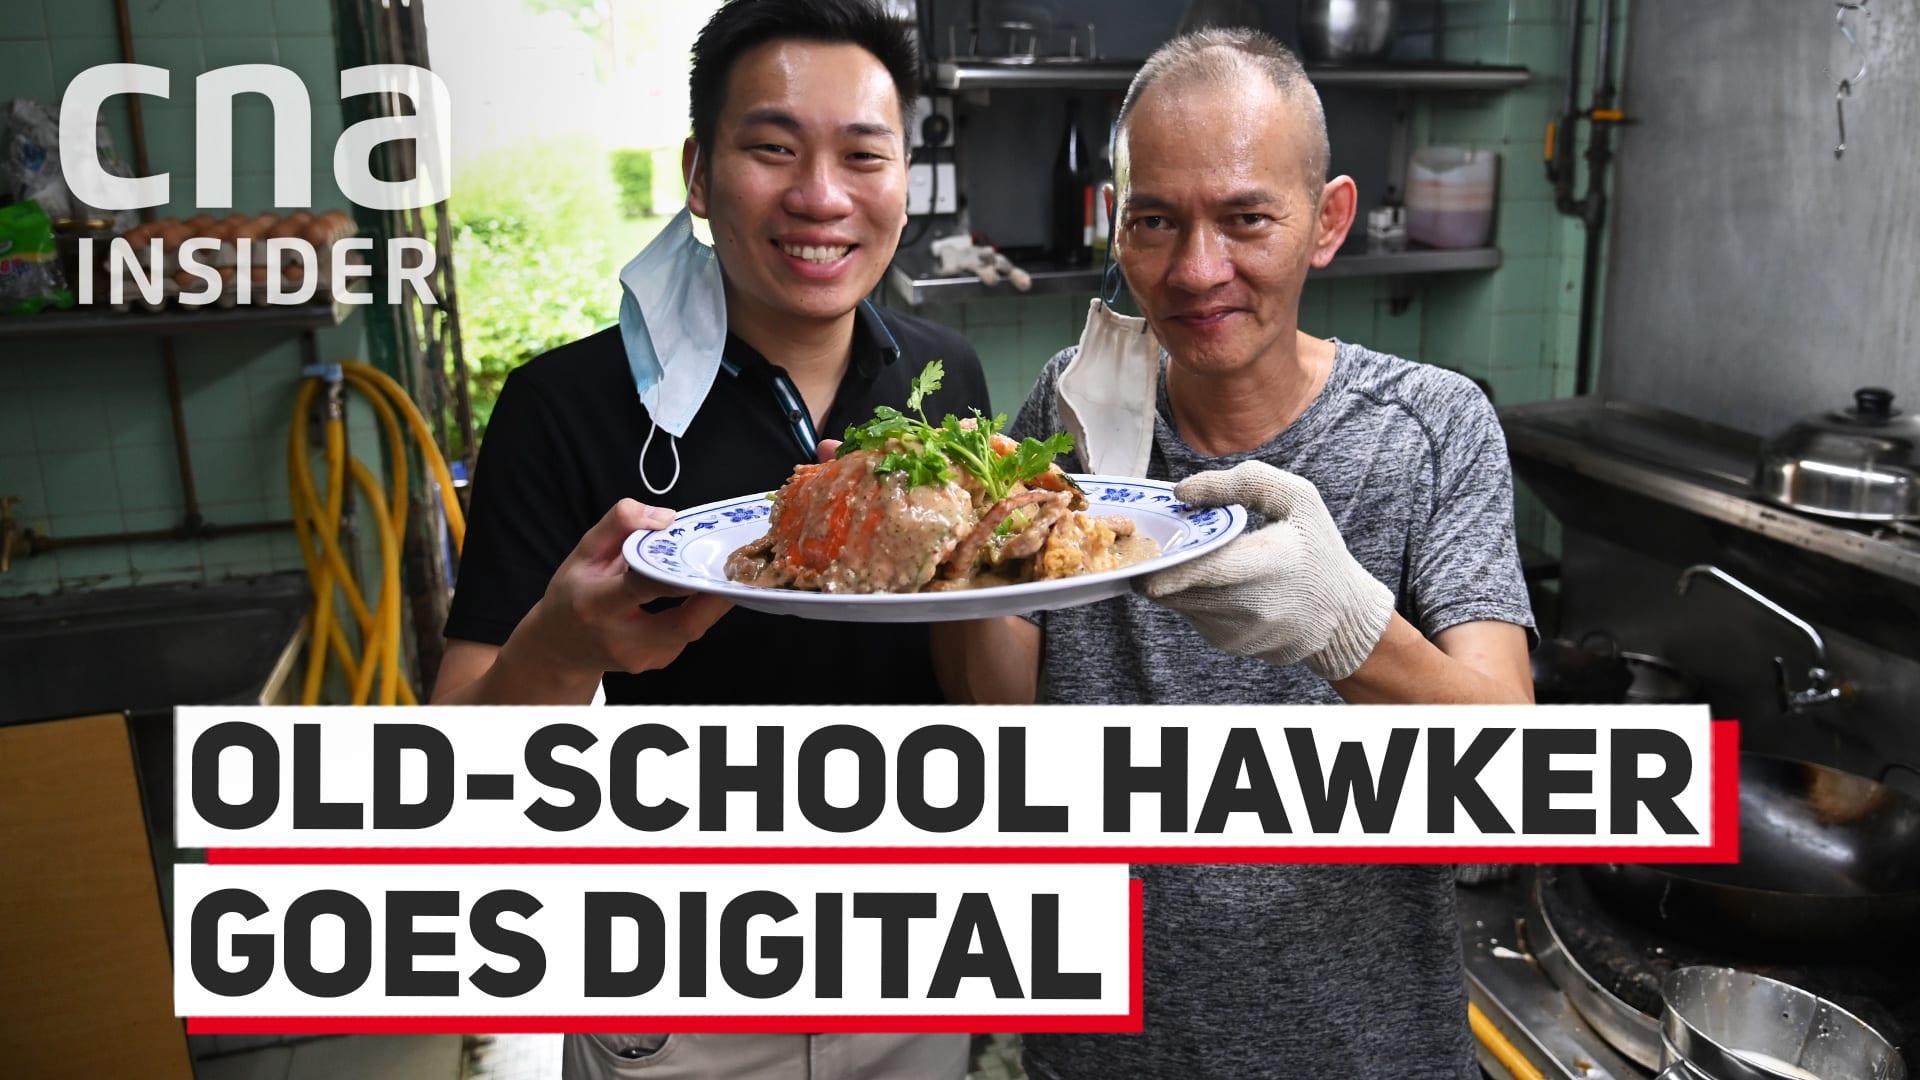 Old-school hawker goes digital